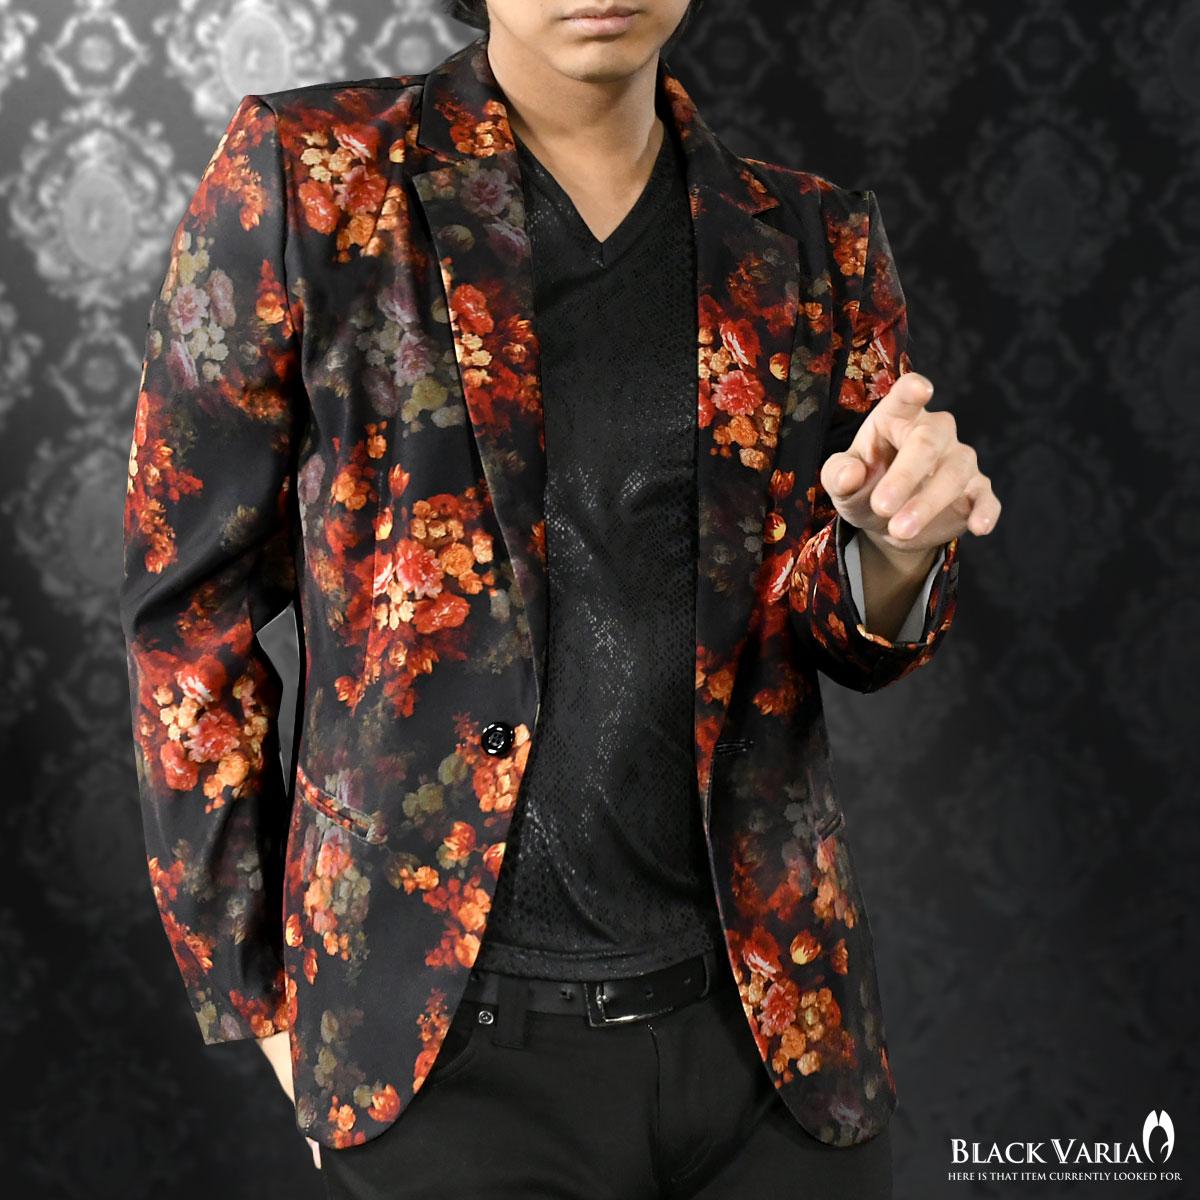 カットジャケット 花柄 薔薇 メンズ 日本製 1釦 ストレッチ 長袖 シングル ジャケット mens(ブラック黒レッド赤) 172750